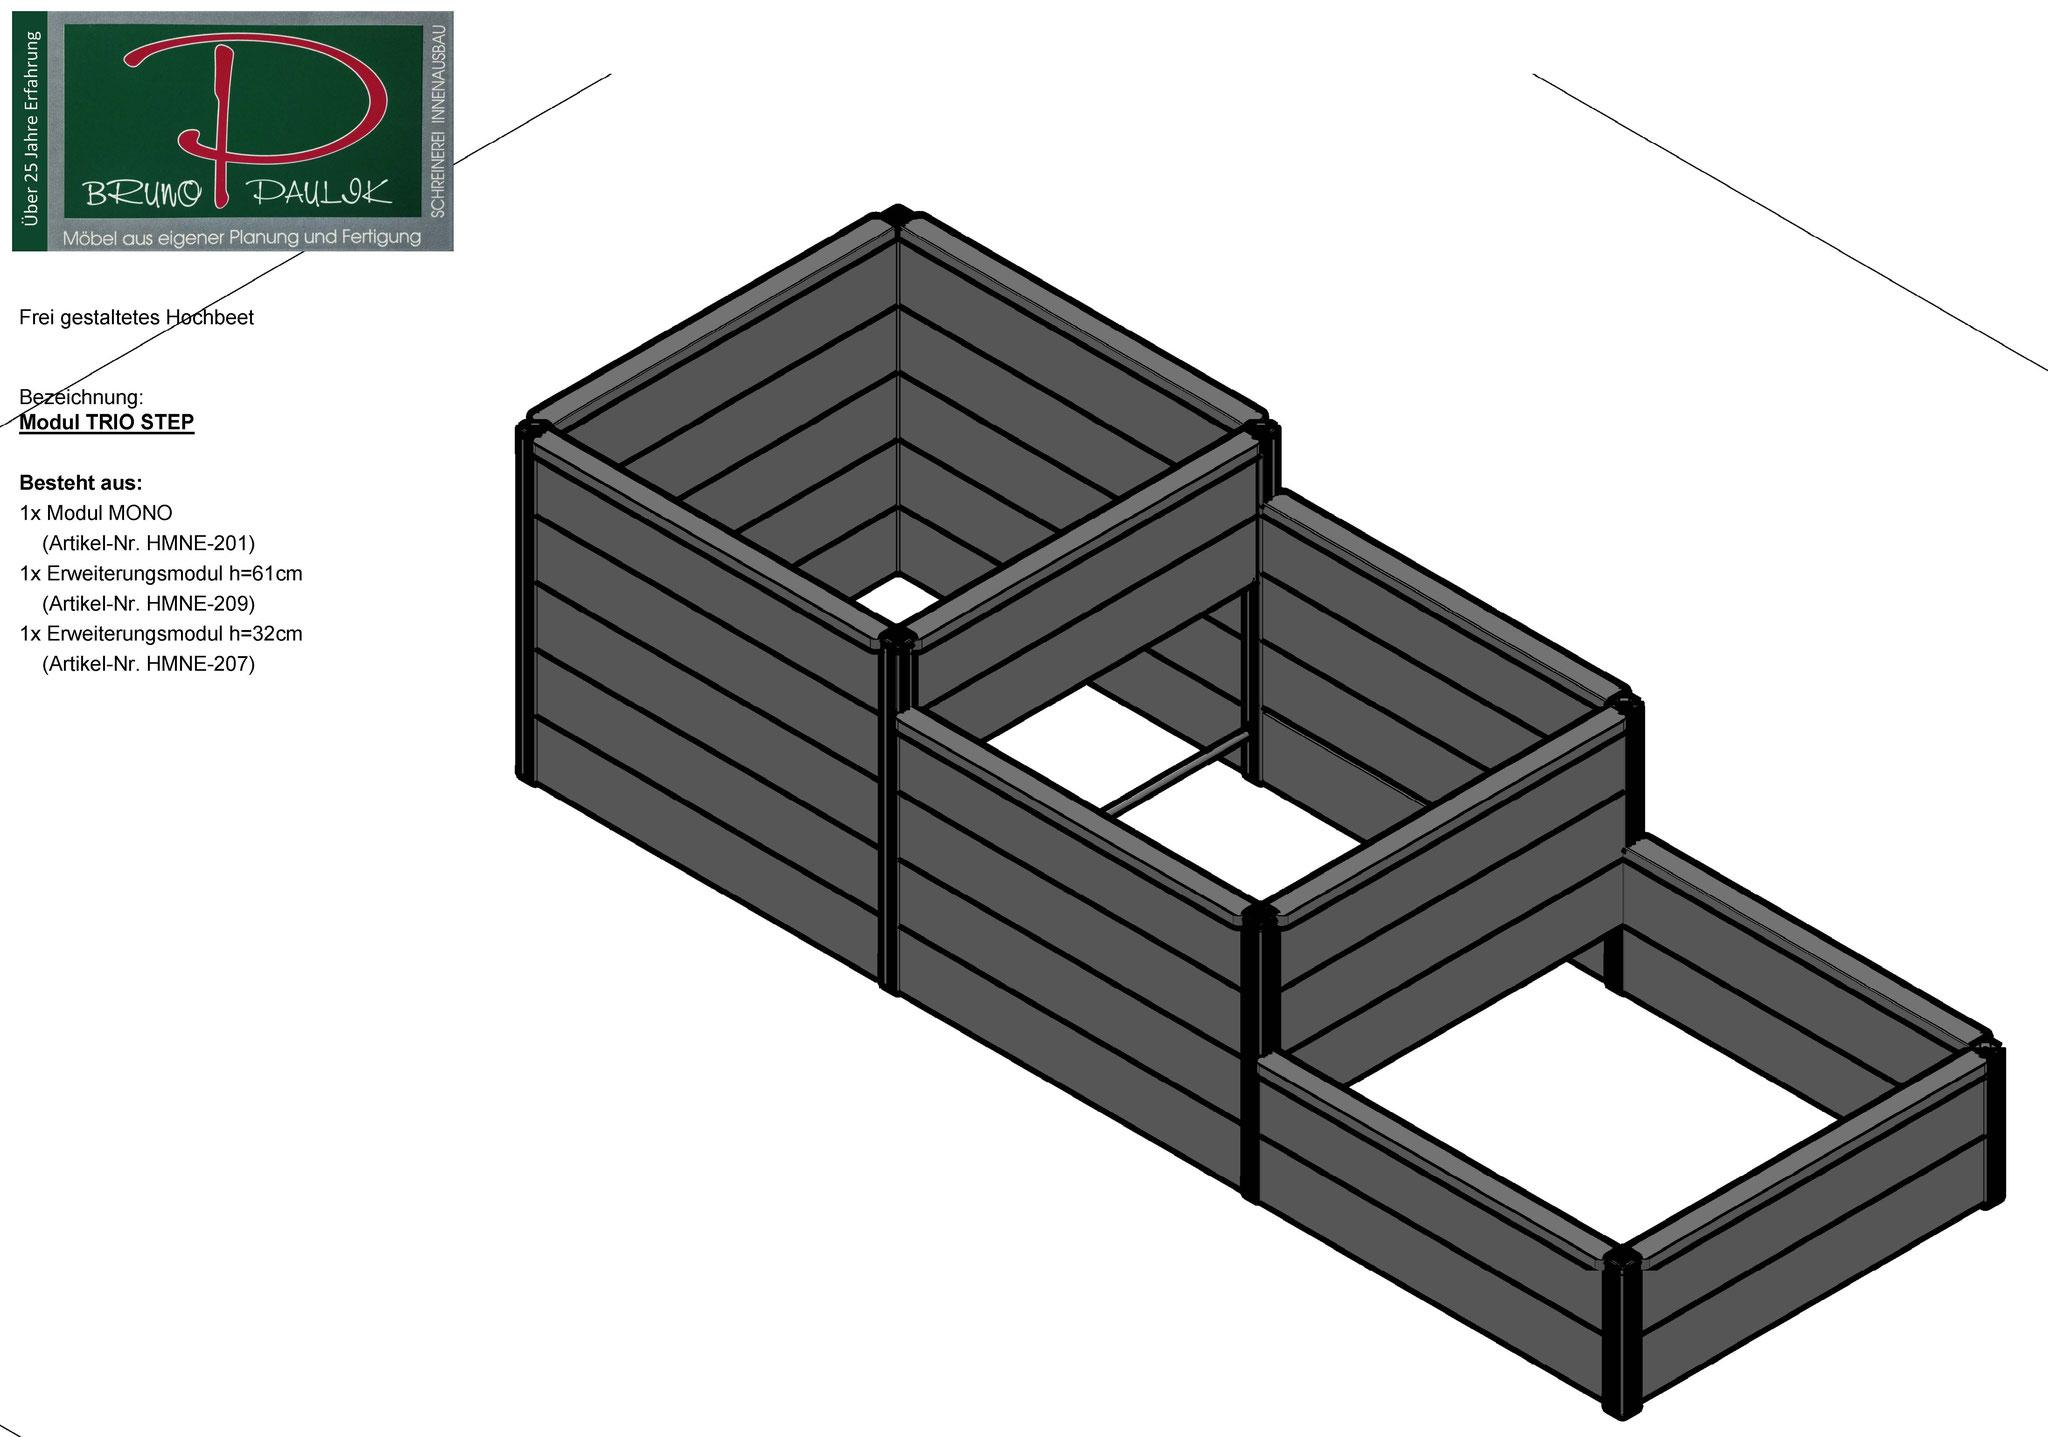 Modul TRIO-STEP